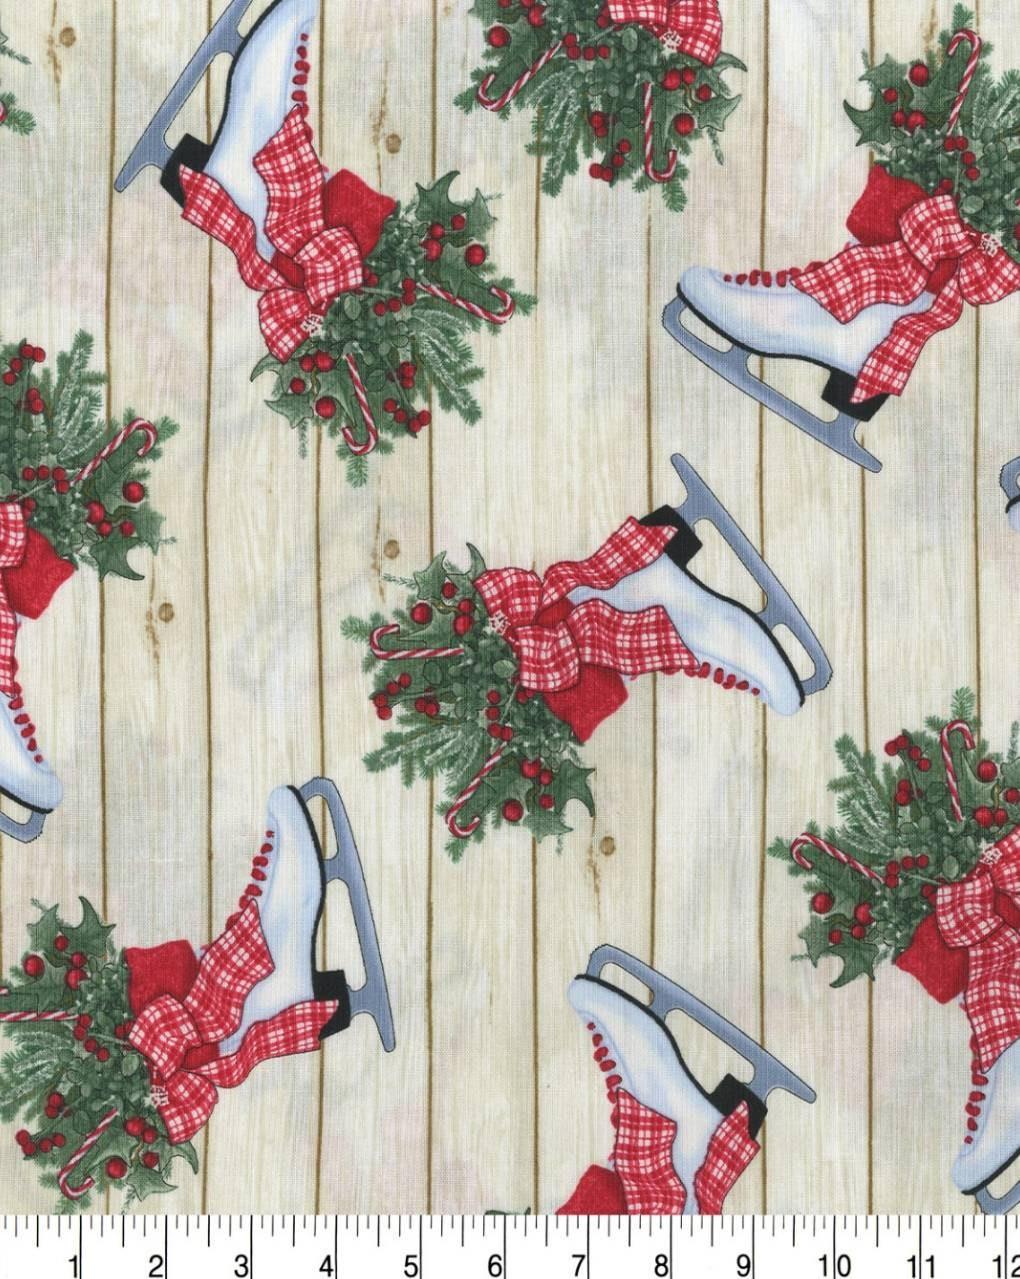 Ice Skates Christmas Fabric Country Christmas Fabric Rustic Christmas Fabric Christmas Wood Fabric Christmas Tree Fabric Usa